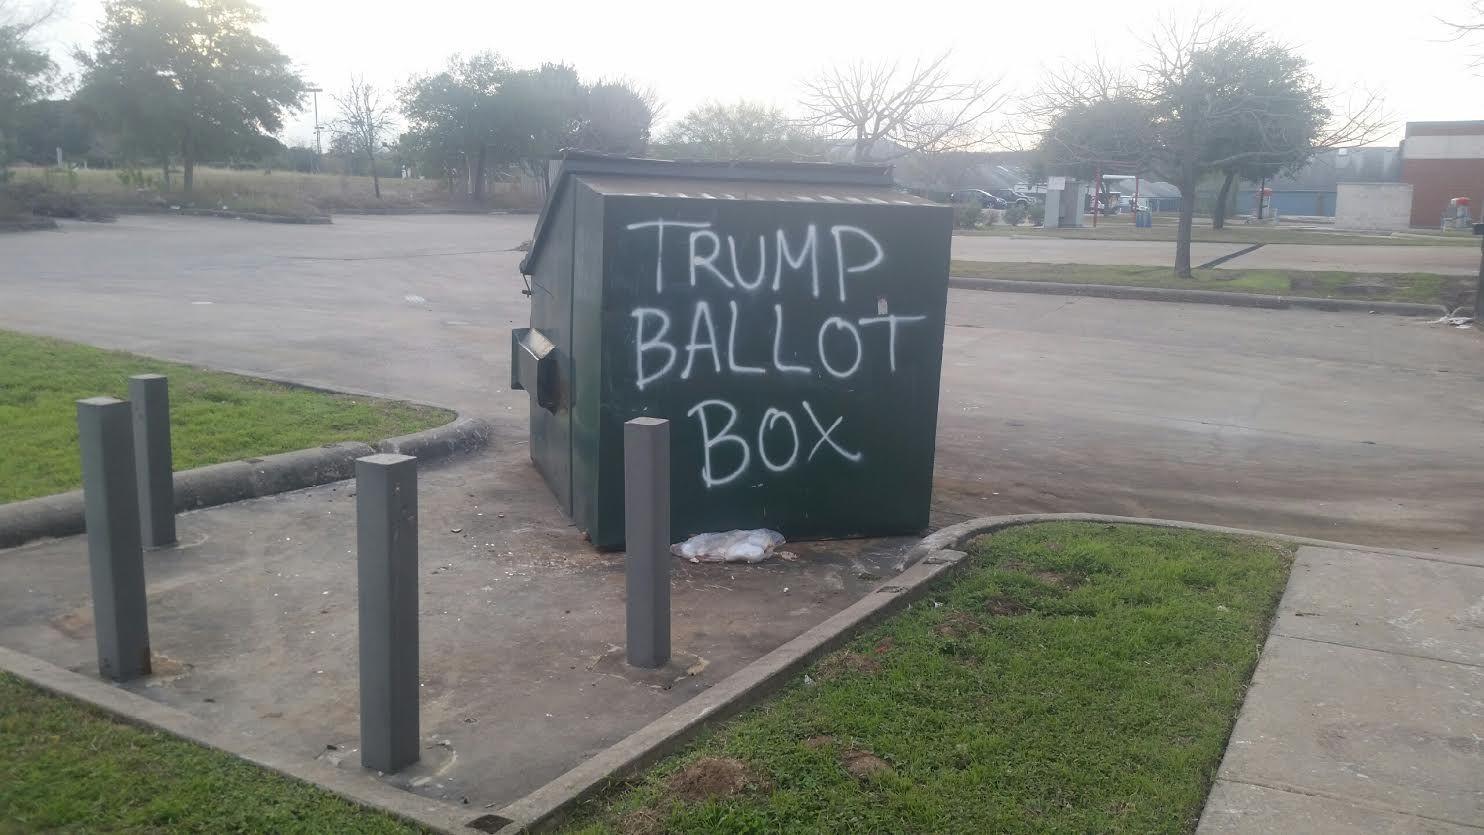 Best graffiti I've seen yet